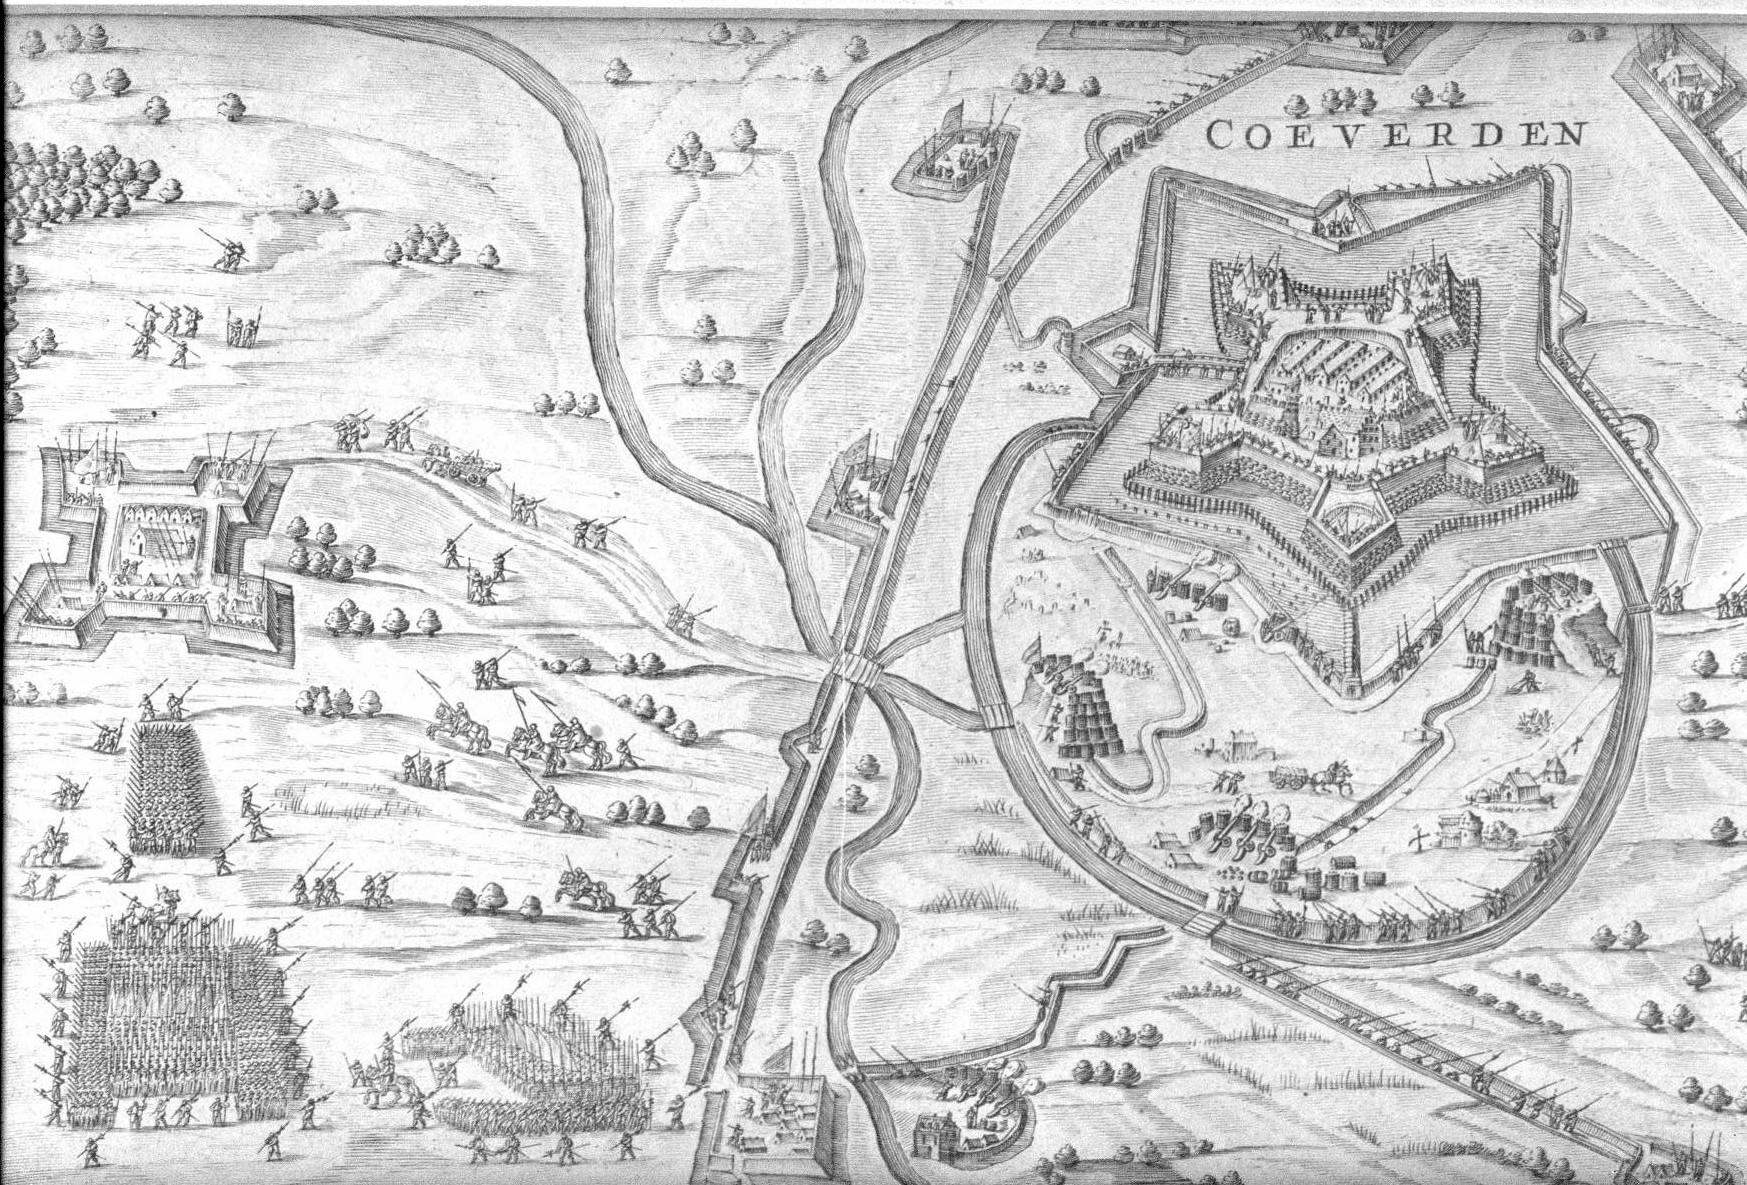 De verovering van Coevorden 1592